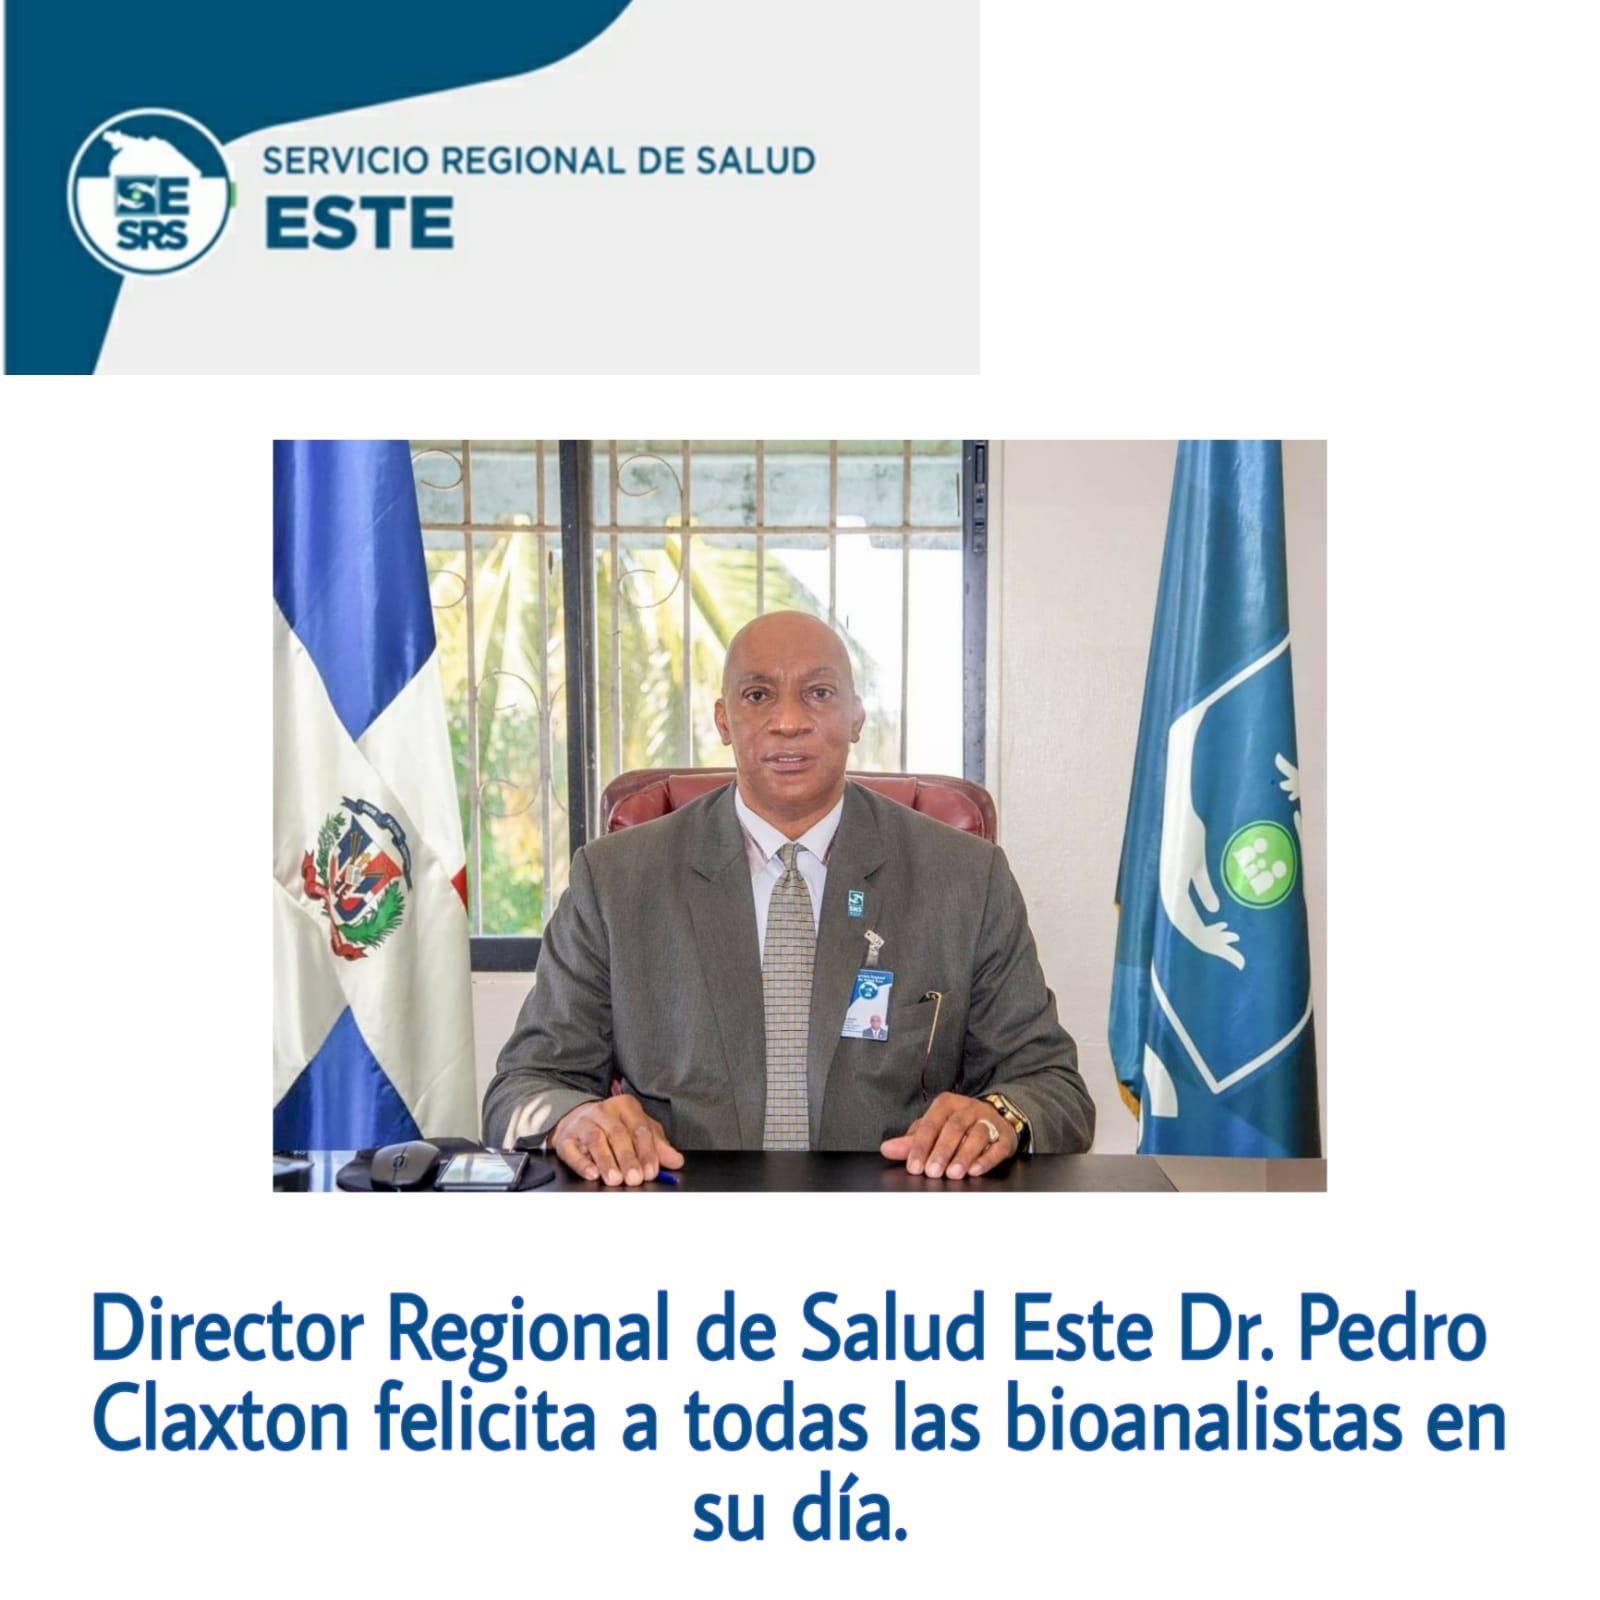 Director Regional de Salud Este Dr. Pedro  Claxton felicita a todas las bioanalistas en su día